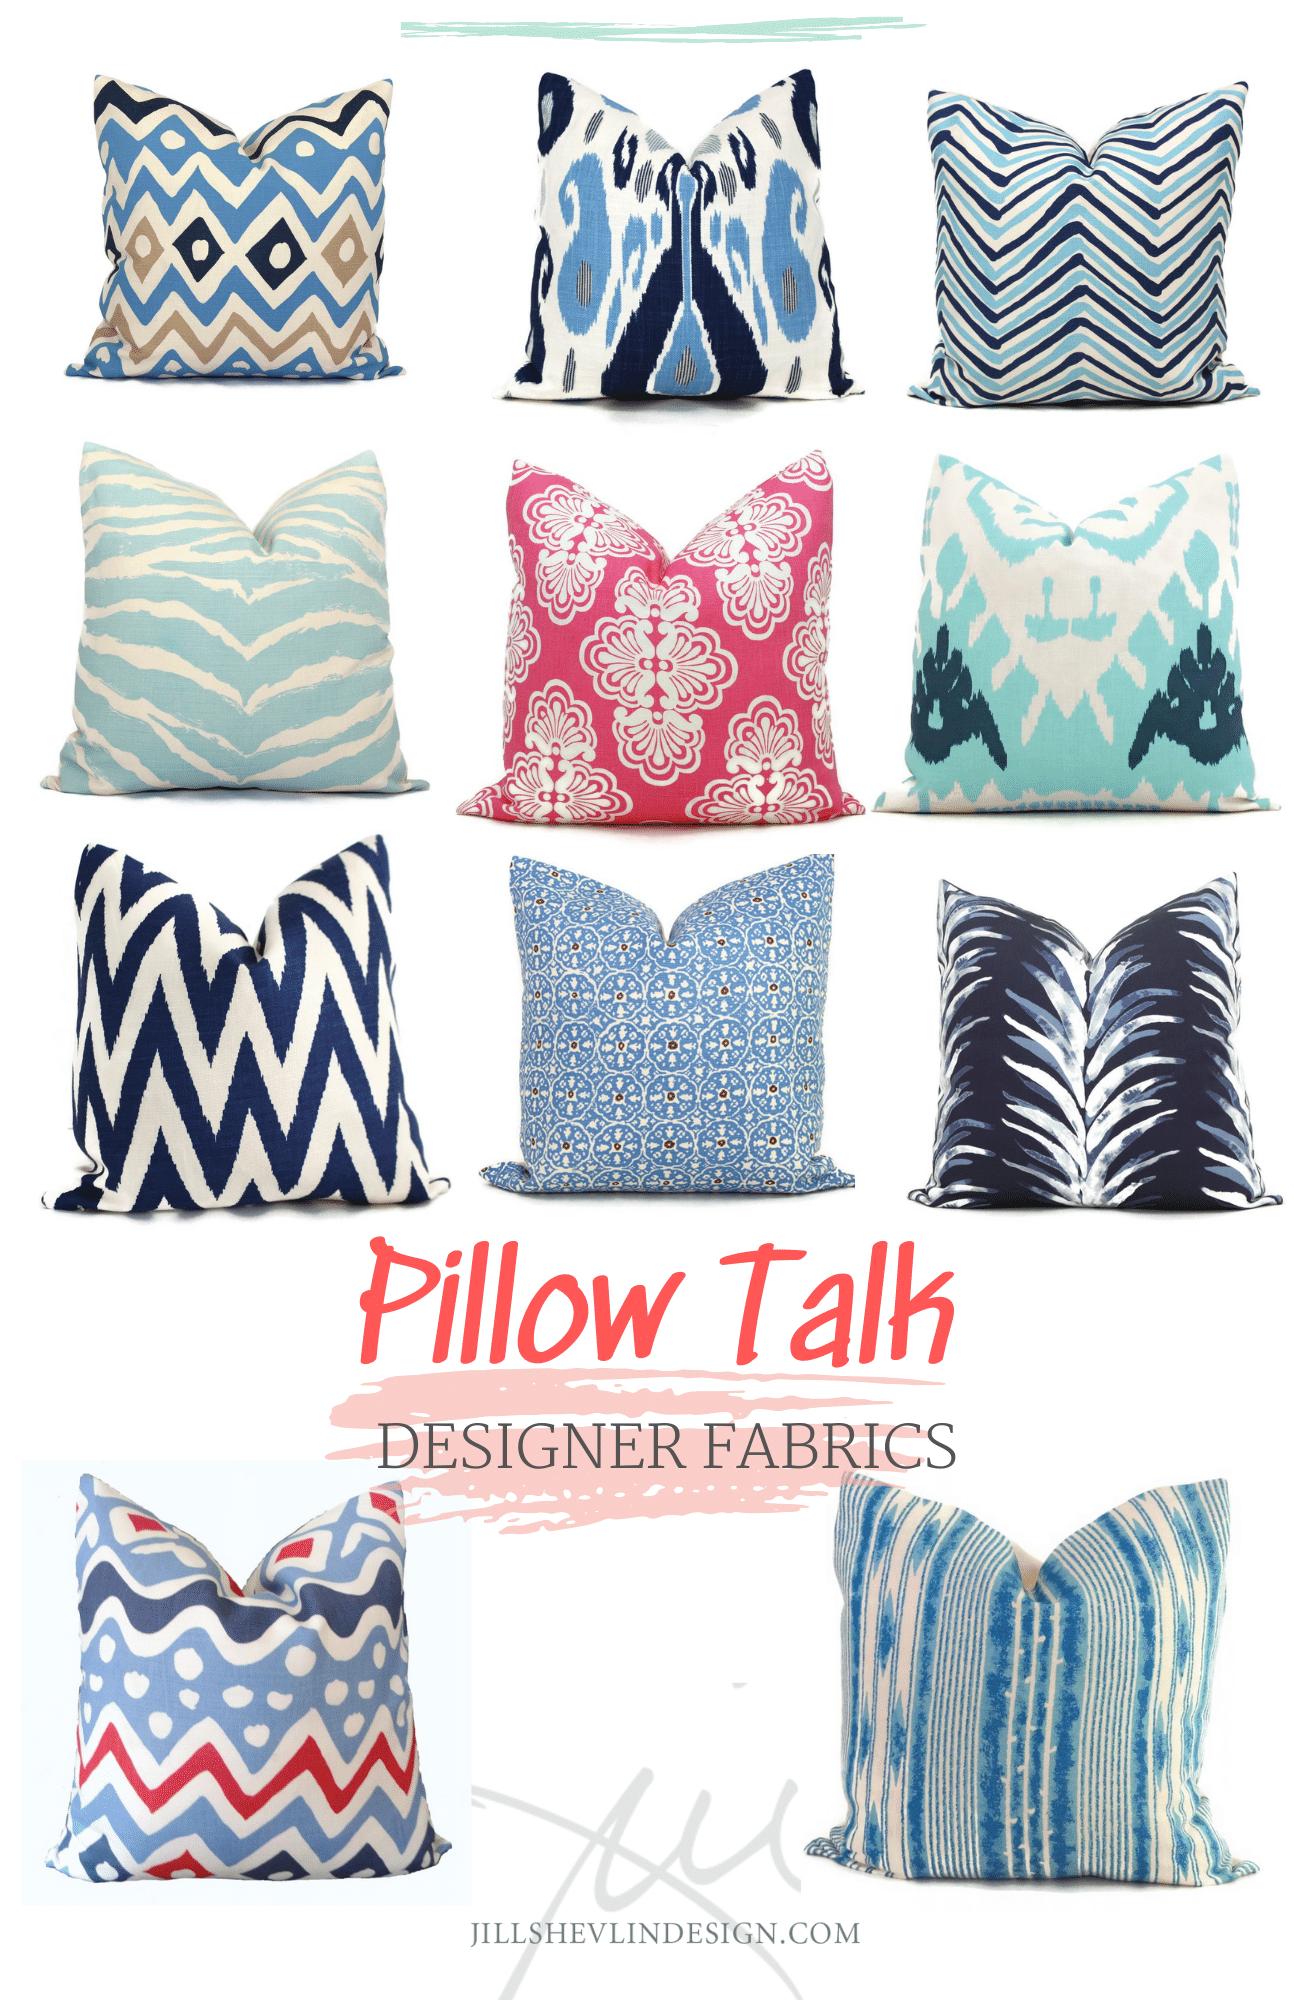 Pillows Desiger Pillows Jill Shevln Design Vero Beach Interior Designer